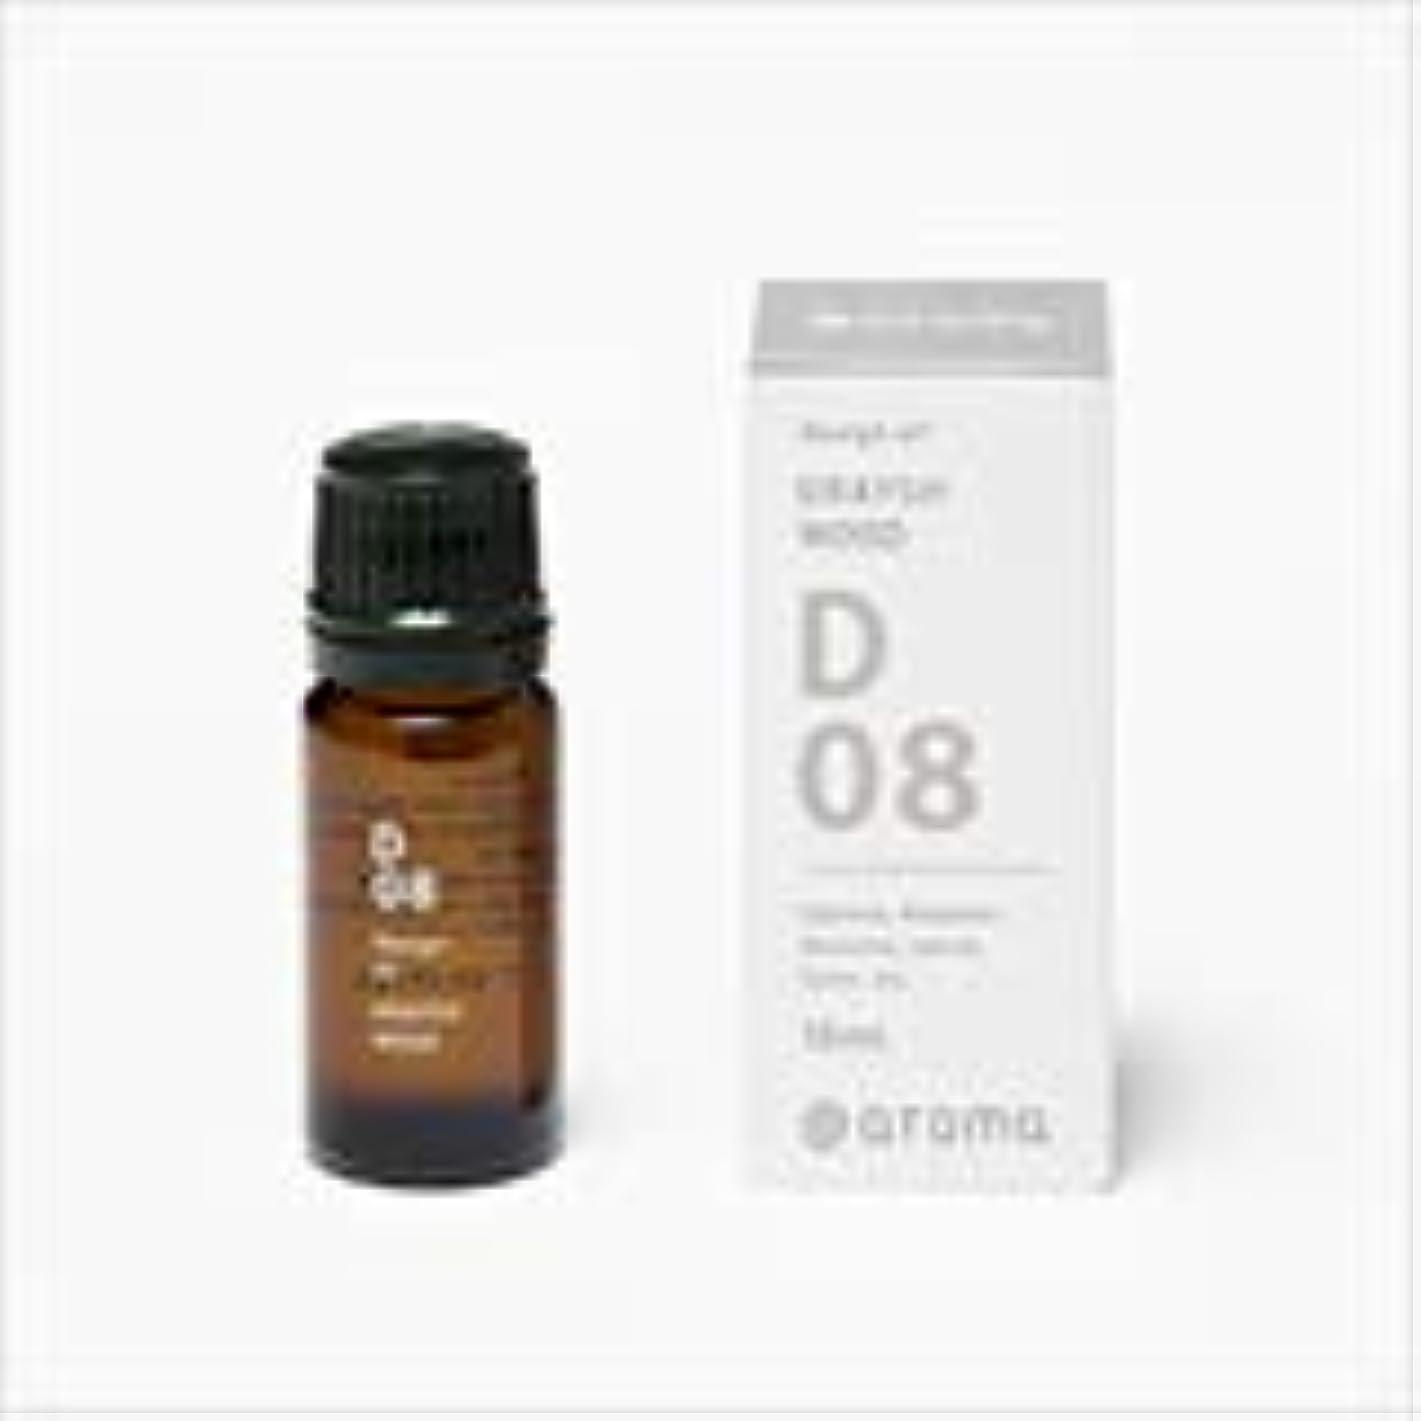 虎で出来ているサーマルアットアロマ 100%pure essential oil <Design air スタイリッシュグラマー>